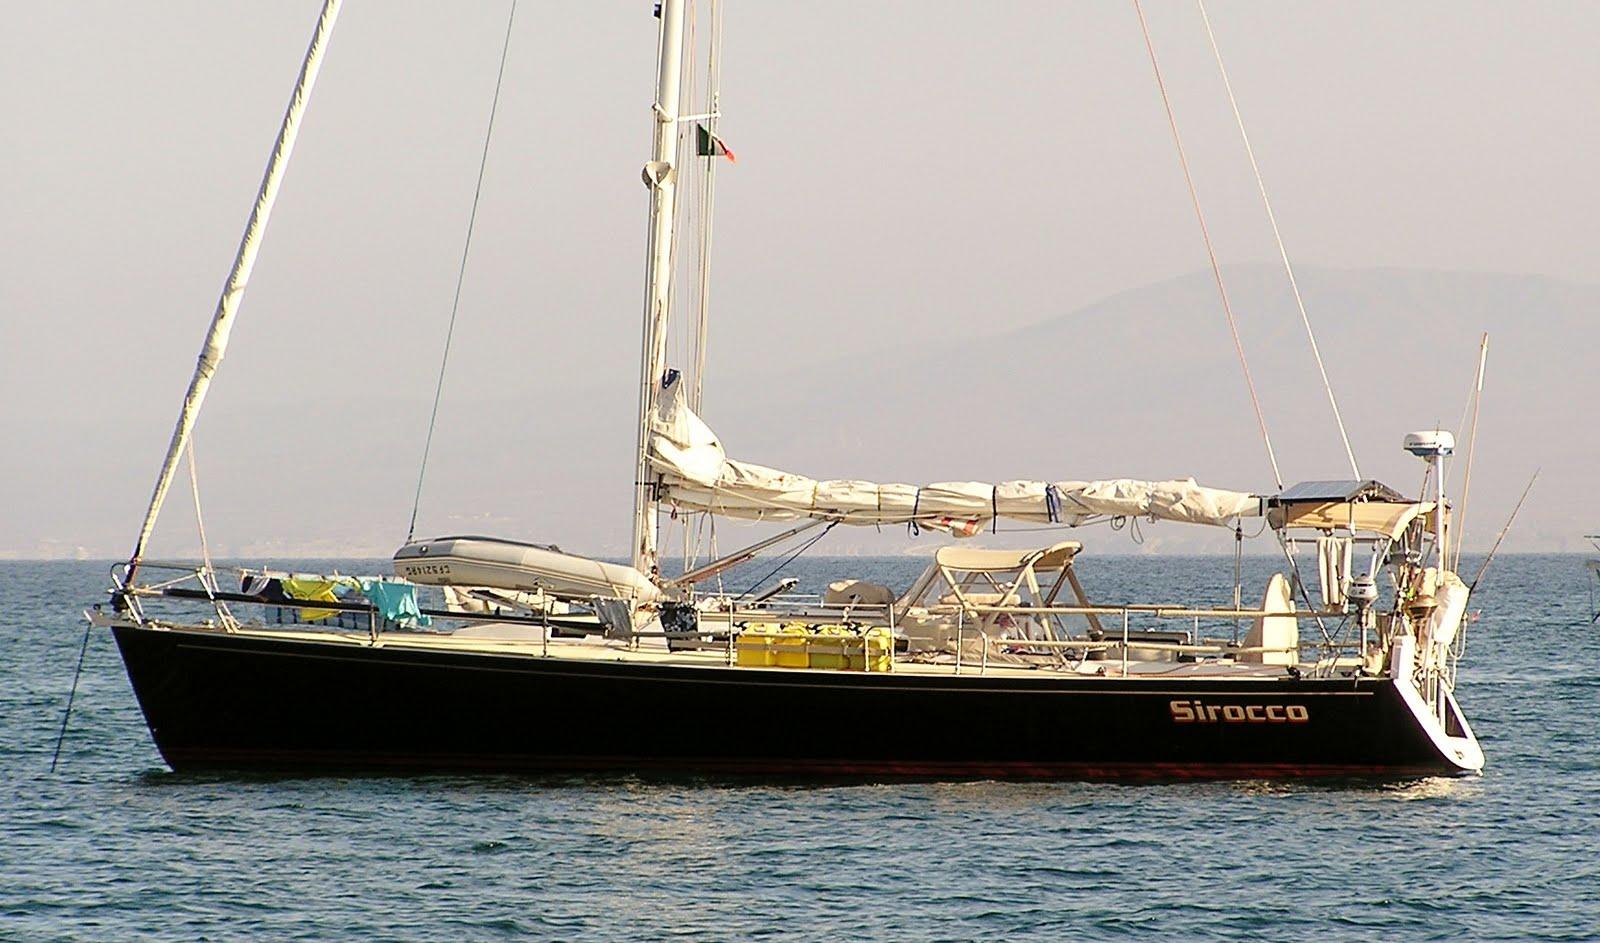 J/130 anchored in Bahia de los Muertos